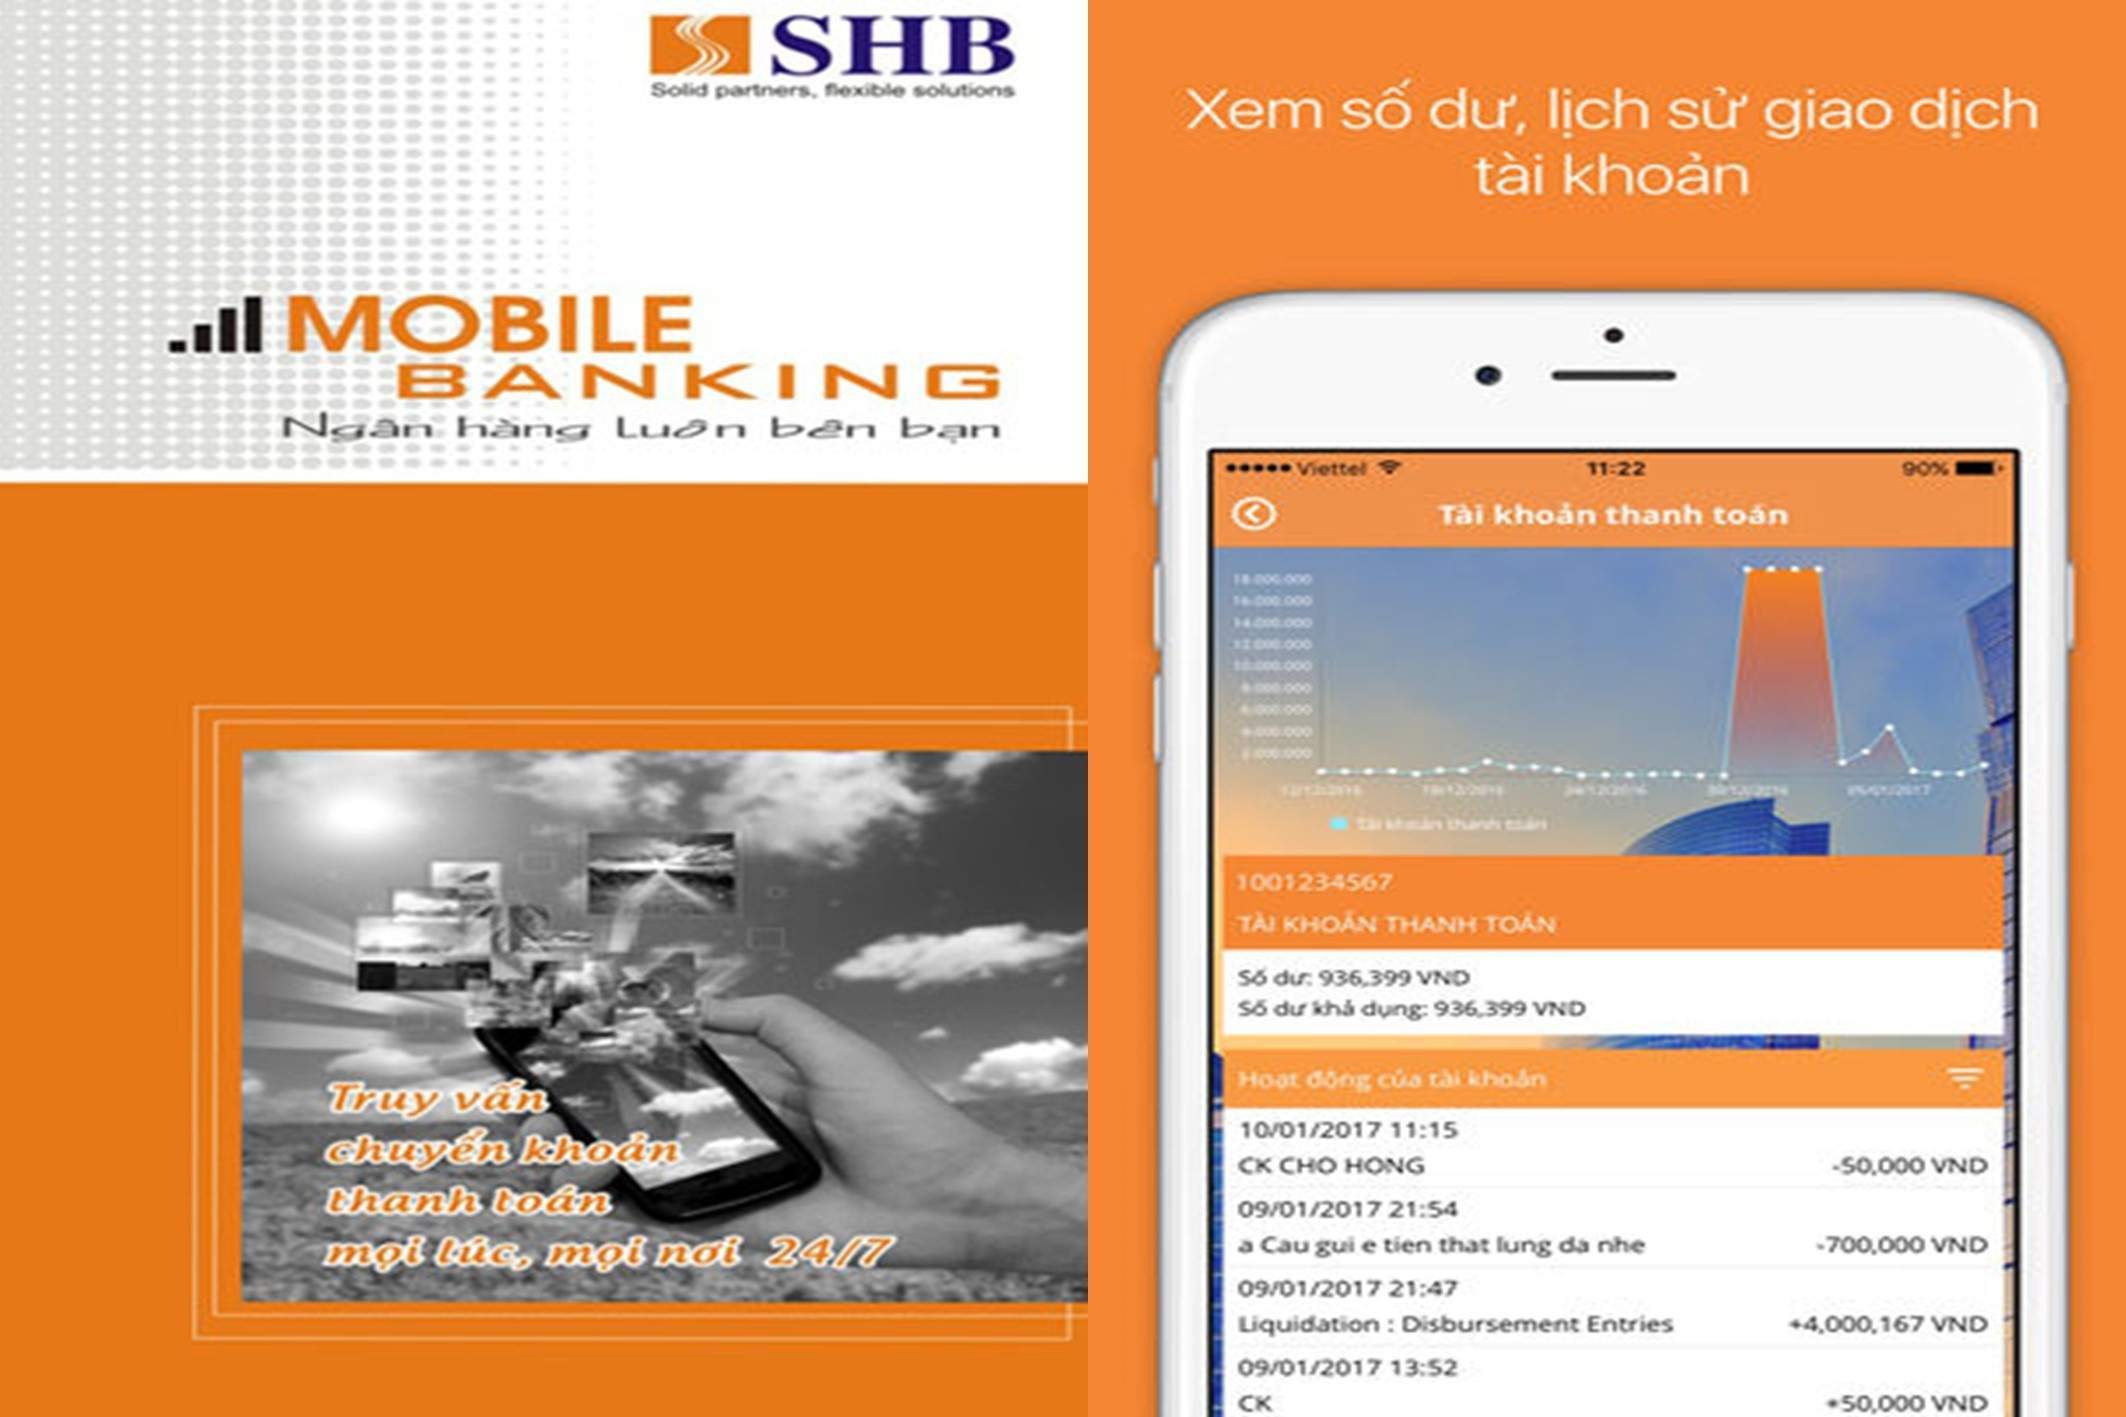 Giới thiệu ứng dụng của Mobile Banking SHB